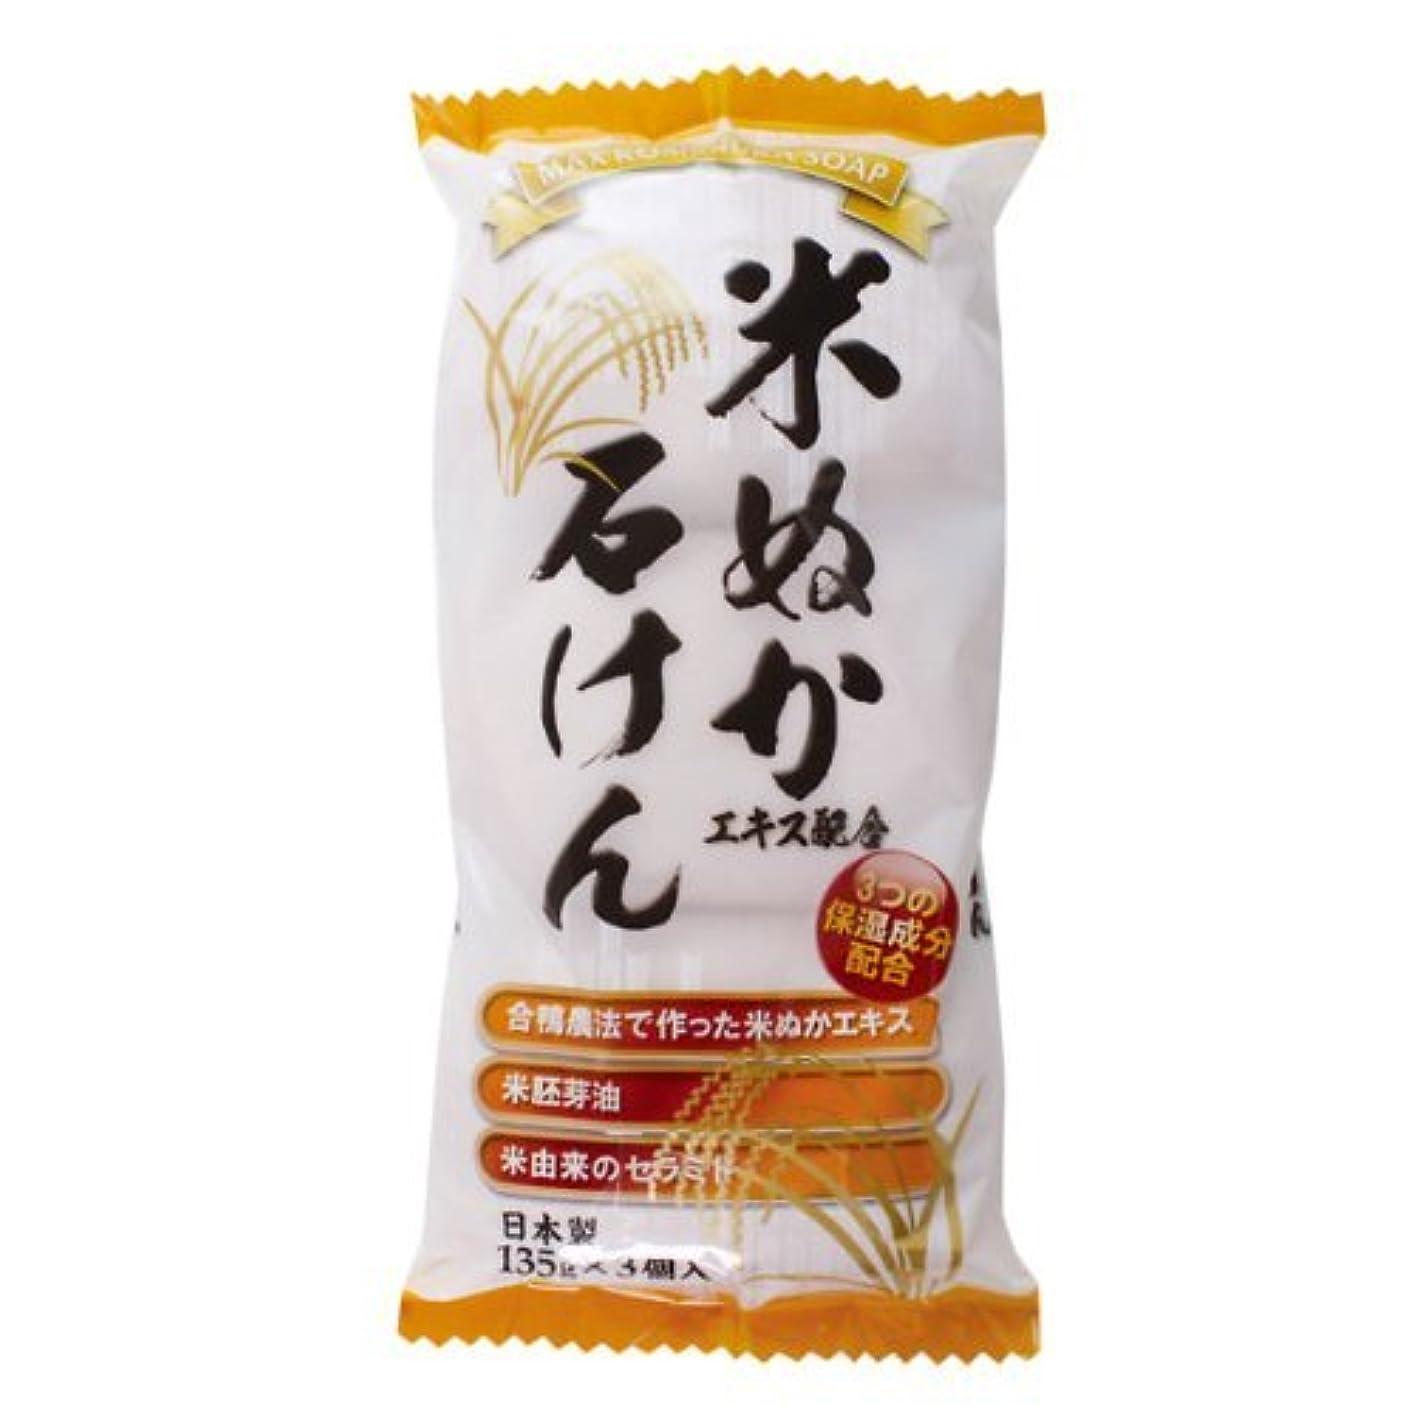 ジャンプリーズ硬化する米ぬかエキス配合石けん 3個入 135g×3個